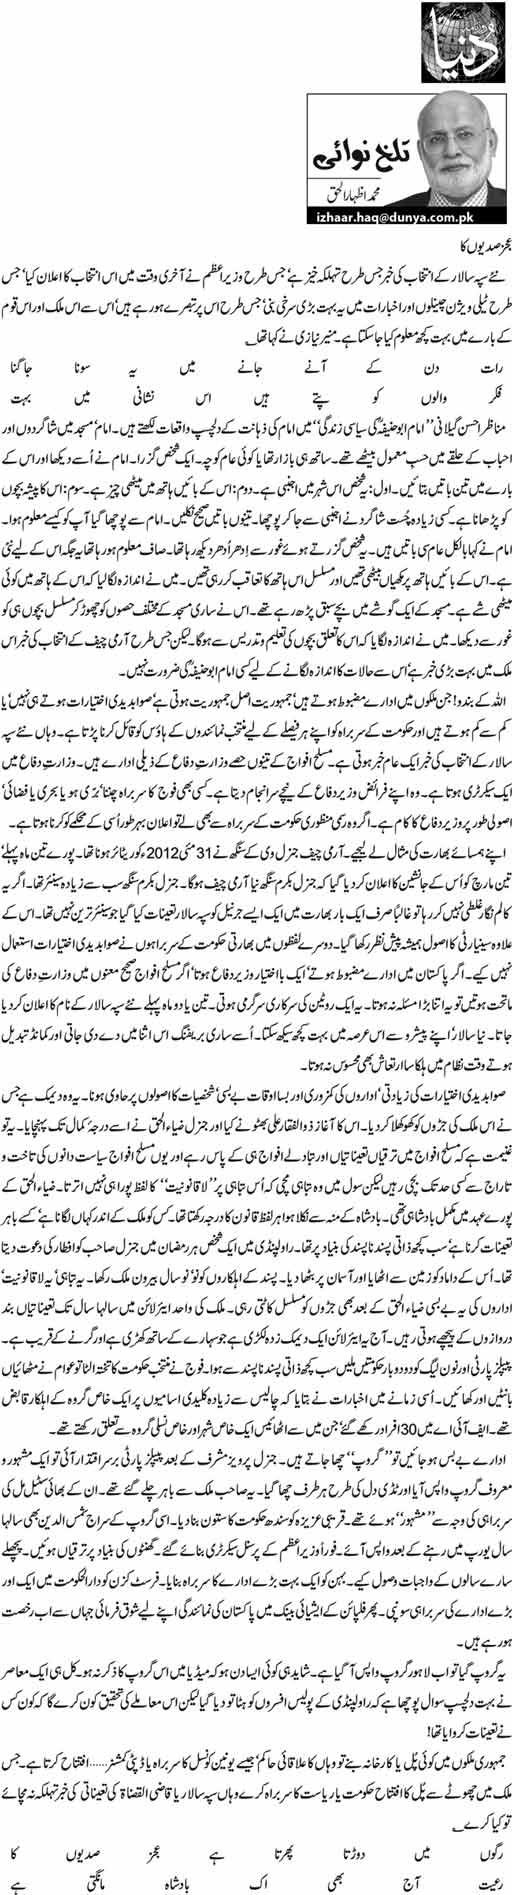 Ejiz Sadiyun Ka - Muhammad Izhar ul Haq - 29th November 2013